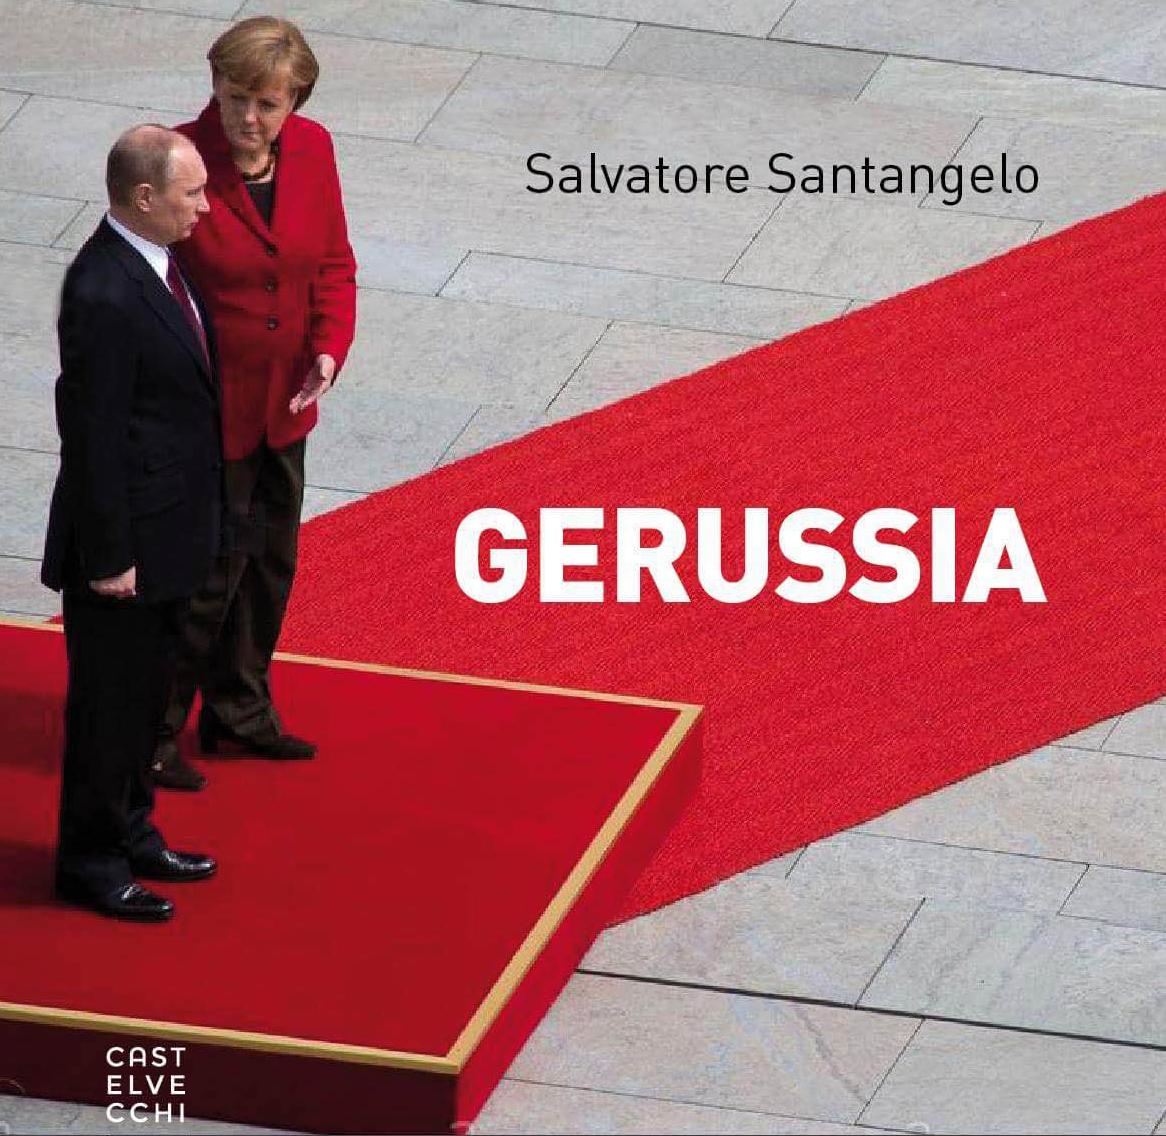 GeRussia: l'orizzonte infranto della geopolitica europea. - Geopolitica.info